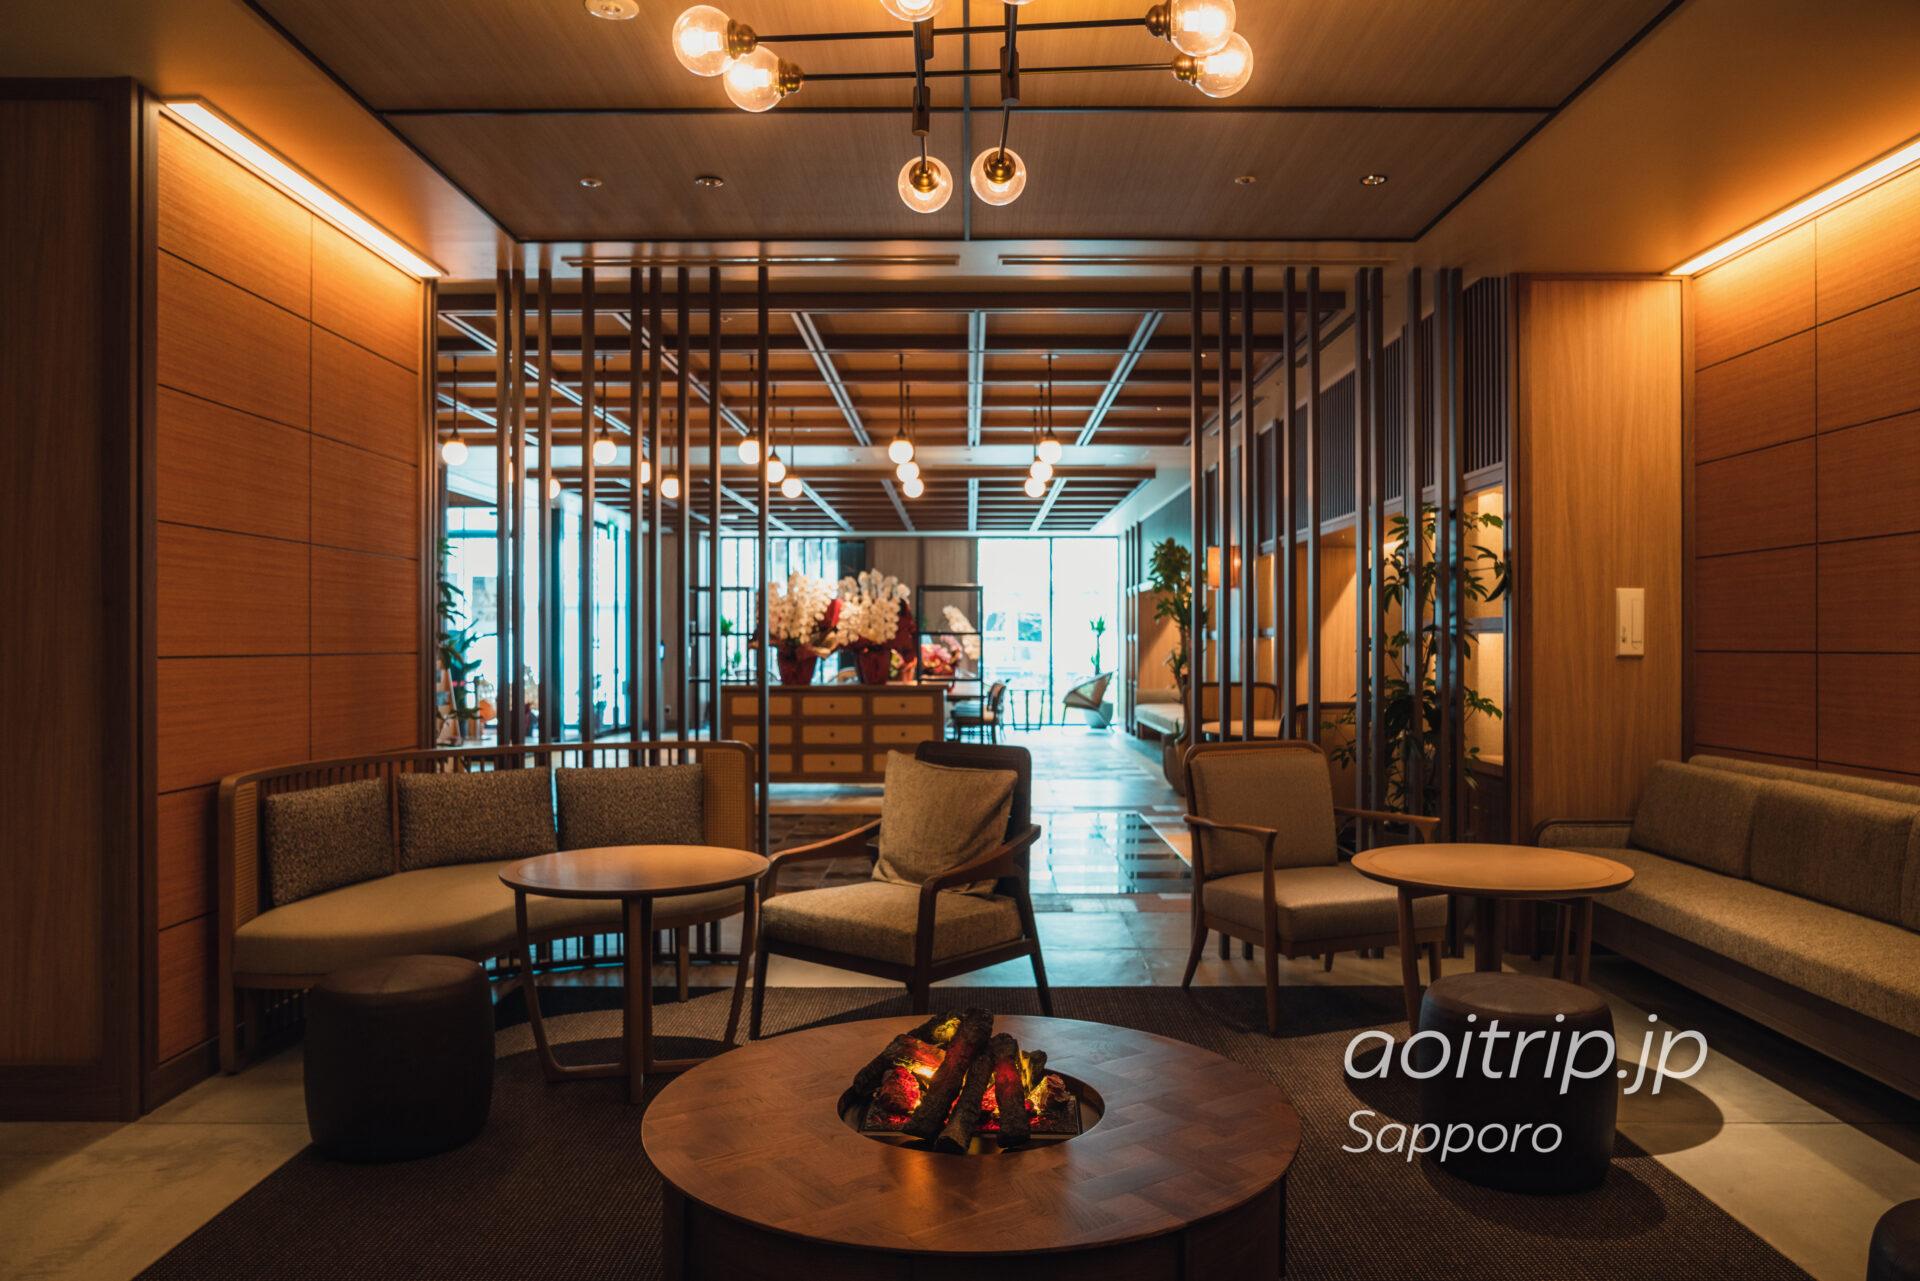 札幌グランベルホテルのロビー